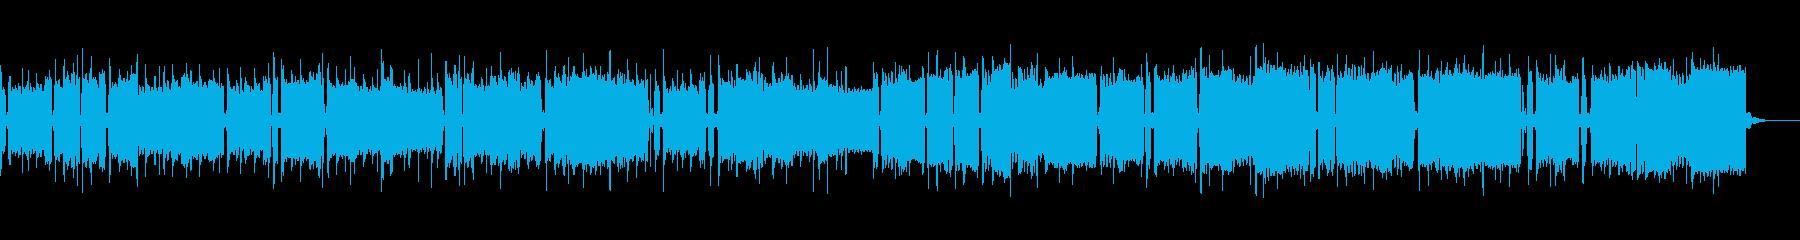 仰げば尊し〜リコーダーアレンジ〜の再生済みの波形